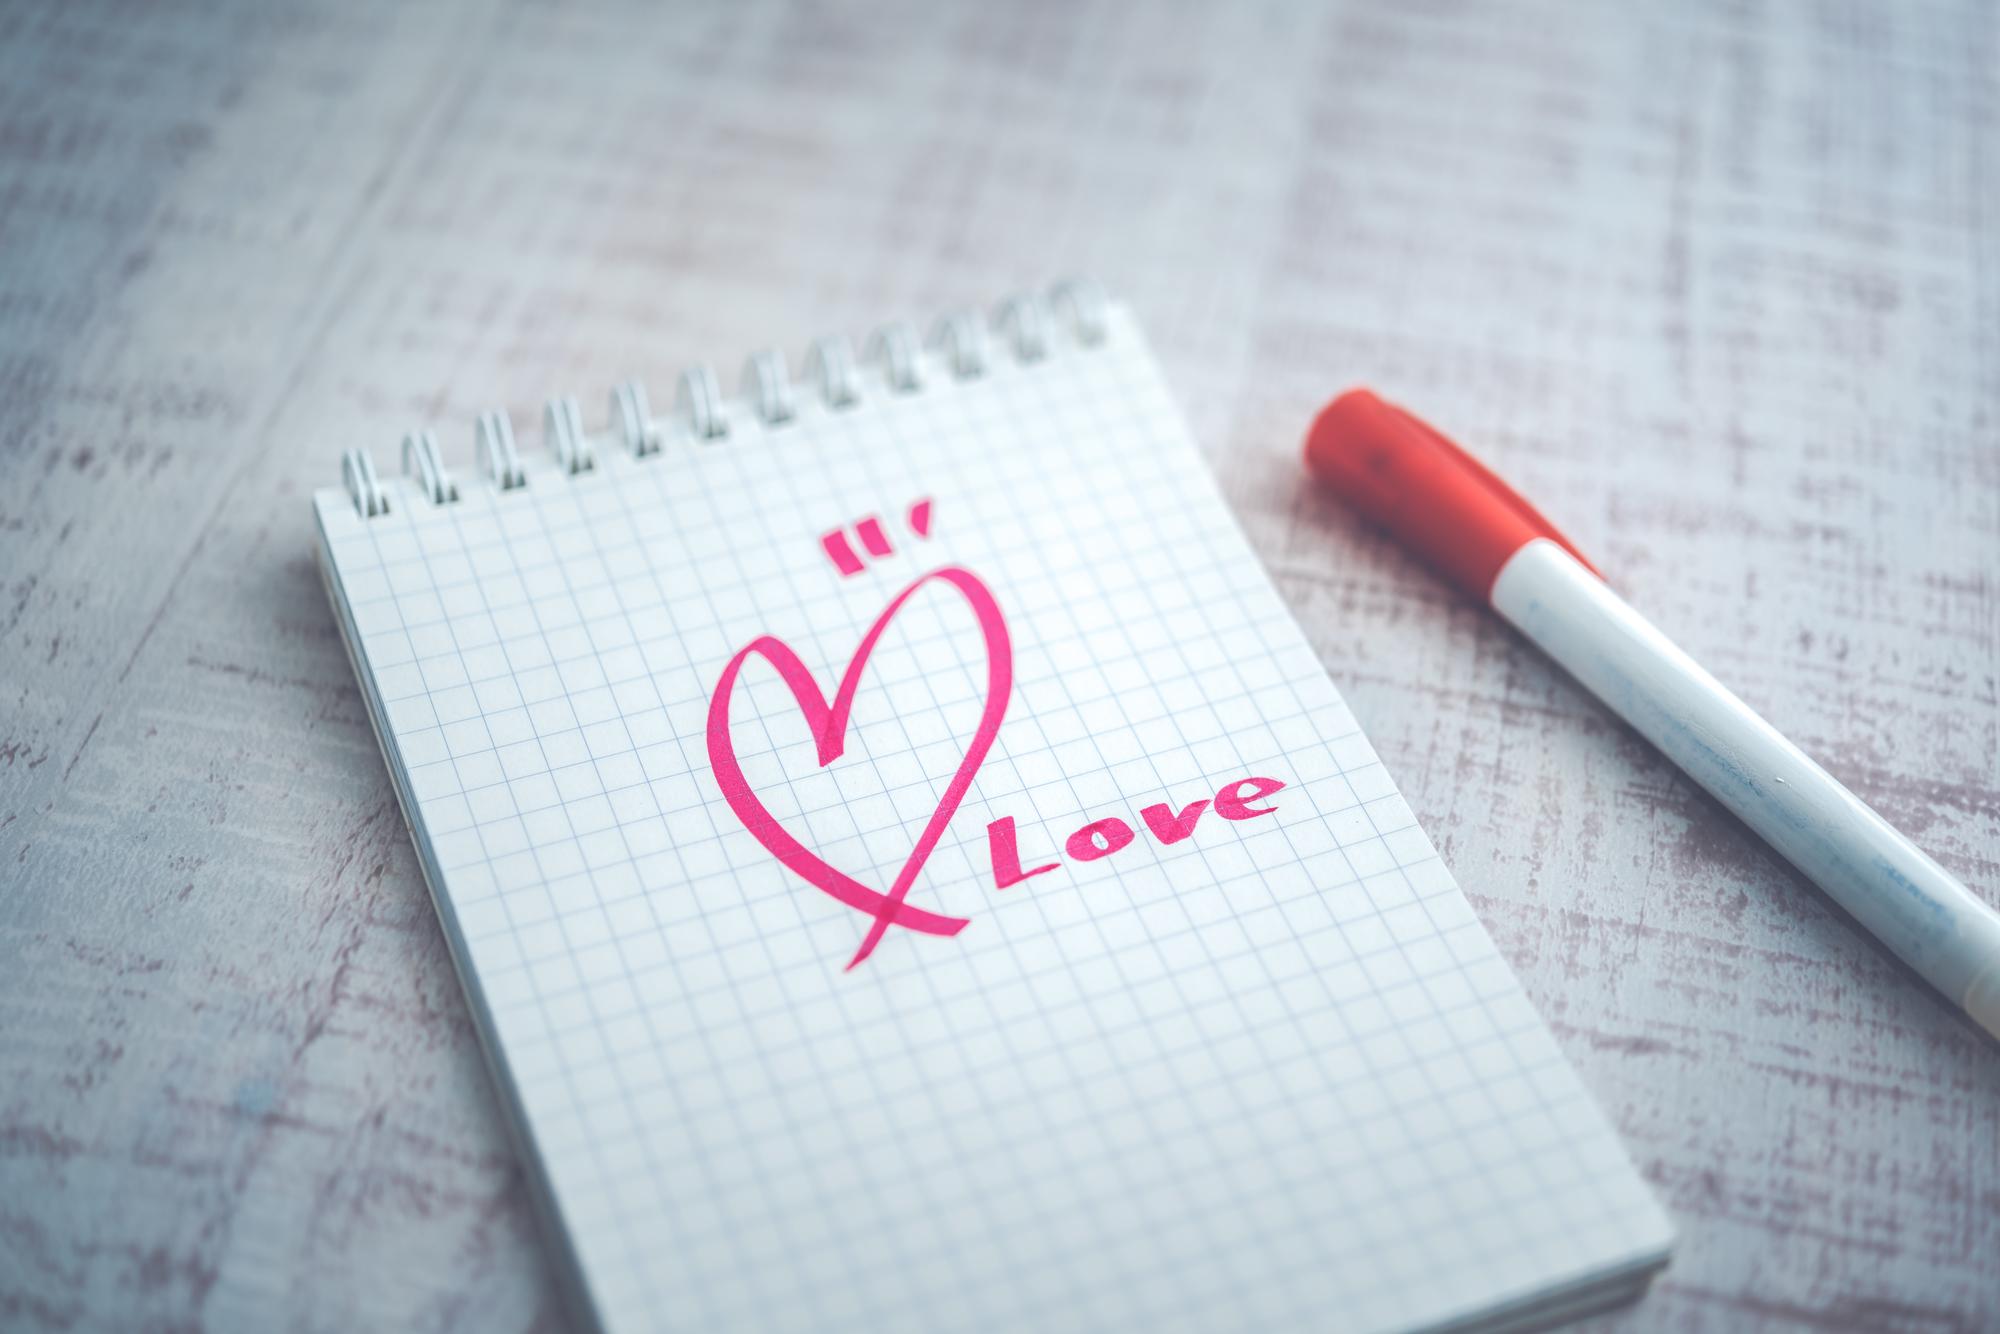 私はこうして恋人/好きな人と関係性をキープしていますーーー【コロナ禍中の恋愛、どうなってる?】緊急連載・第一回 photoGallery_1_2